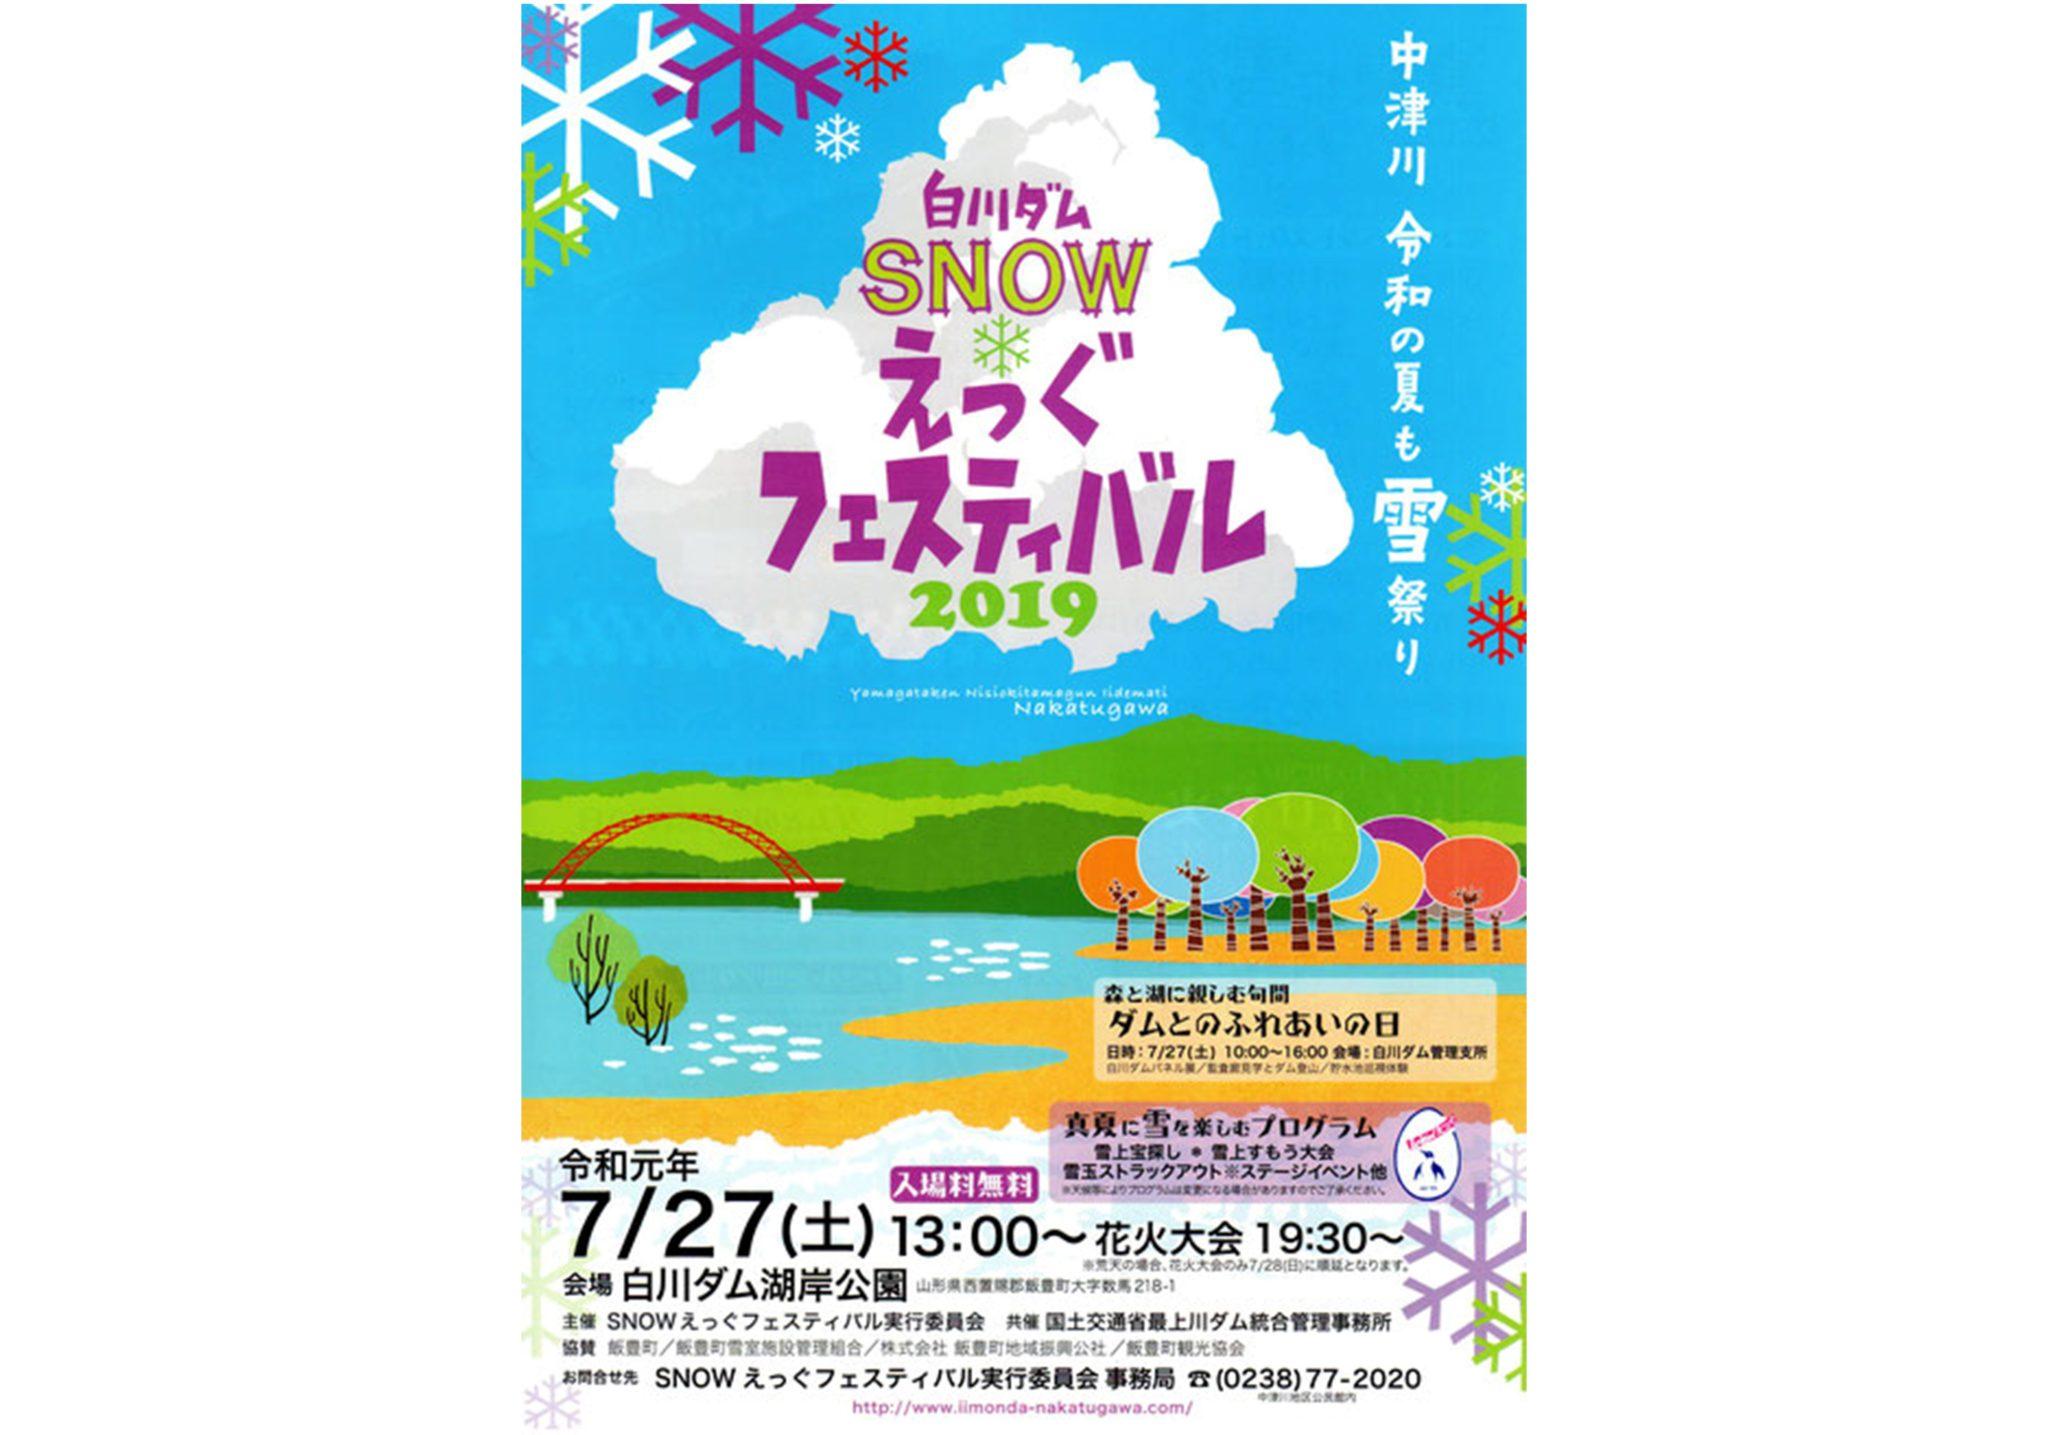 snowえっぐフェスティバル 花火大会